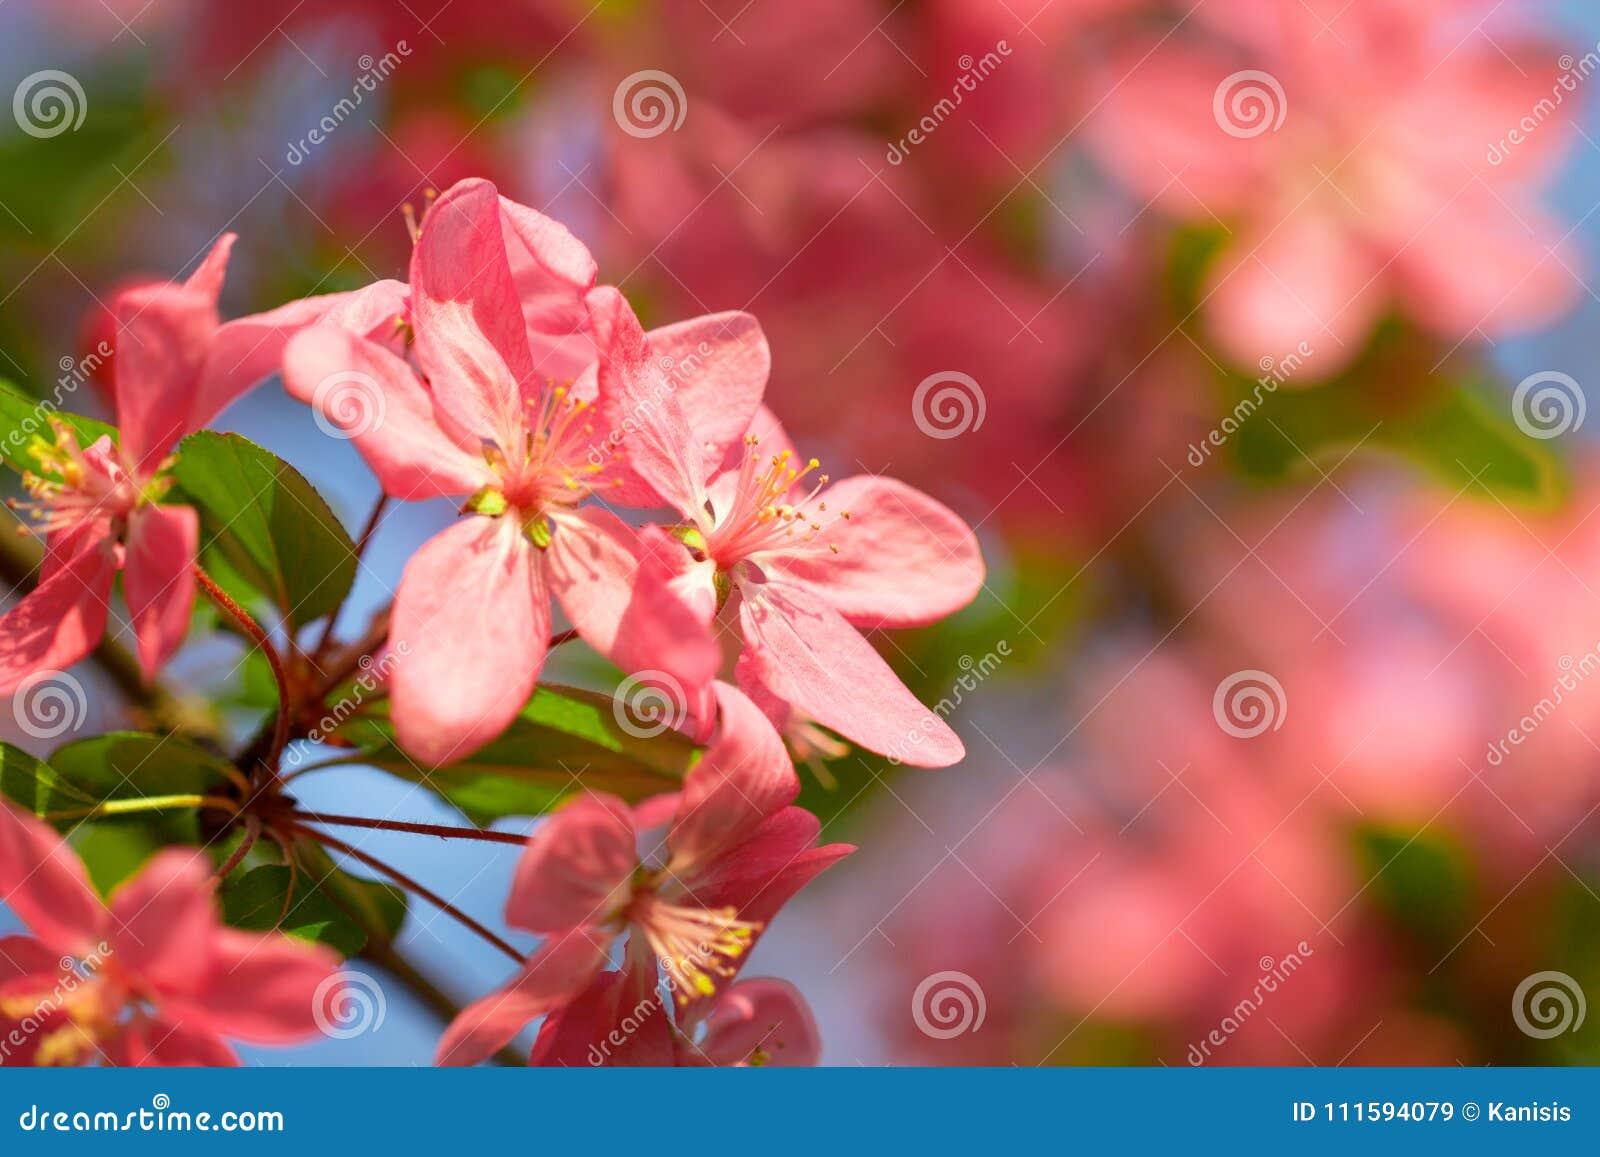 Flor vermelha da flor da árvore de cereja na luz solar macia da estação de mola